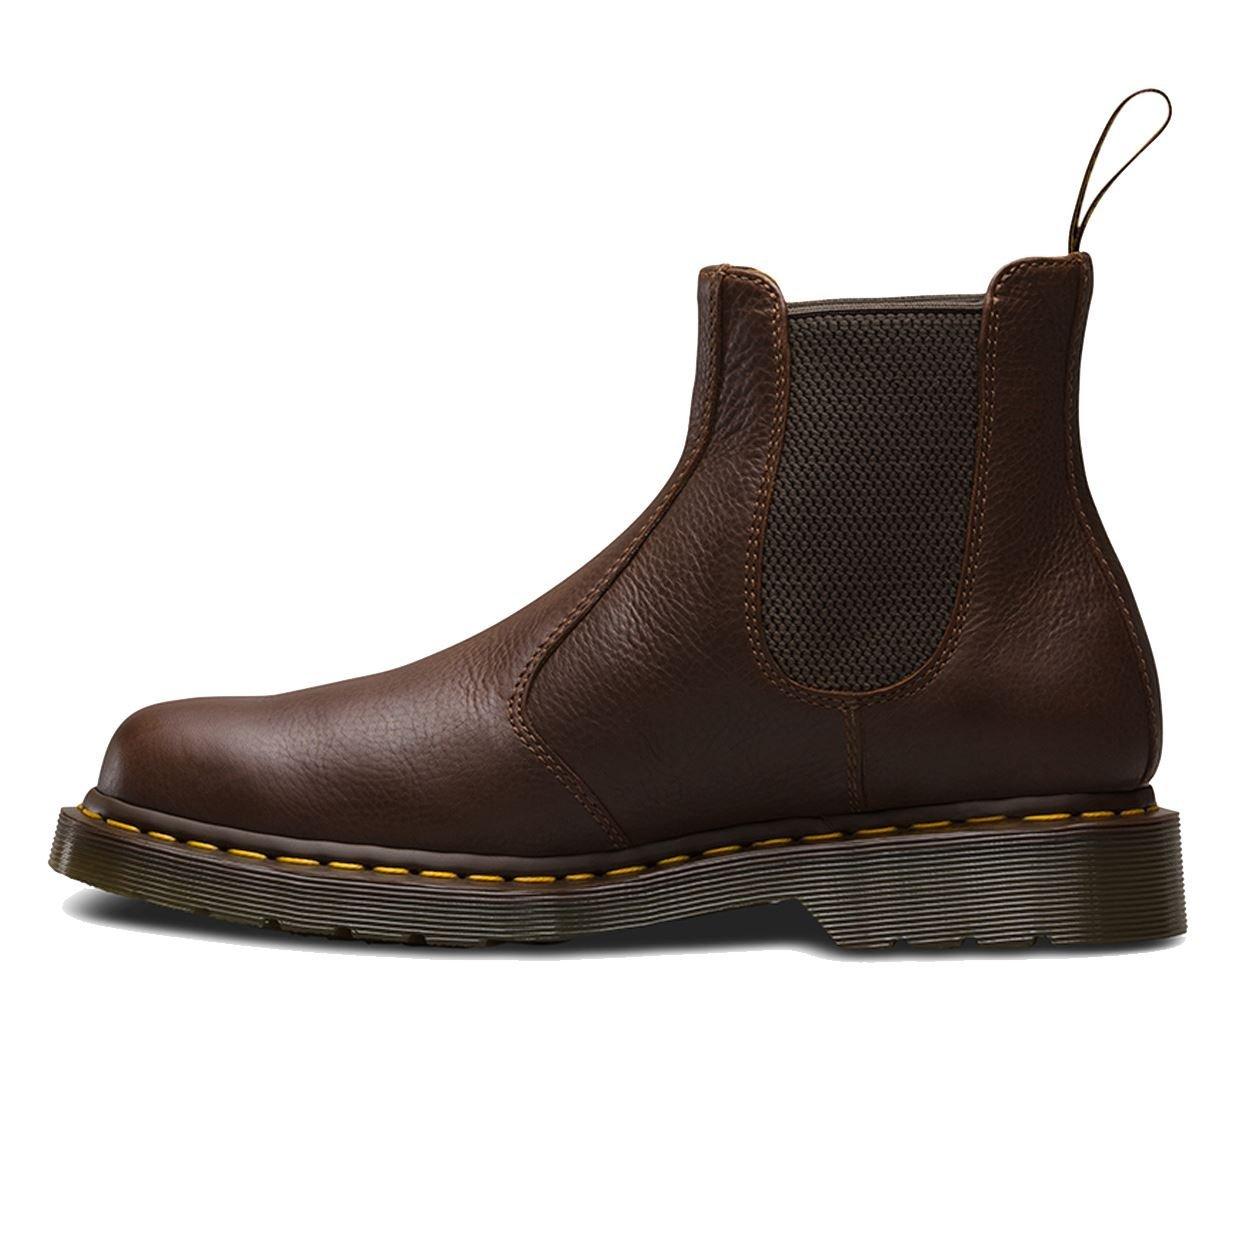 Dr. Martens Men's 2976 Carpathian Chelsea Boot